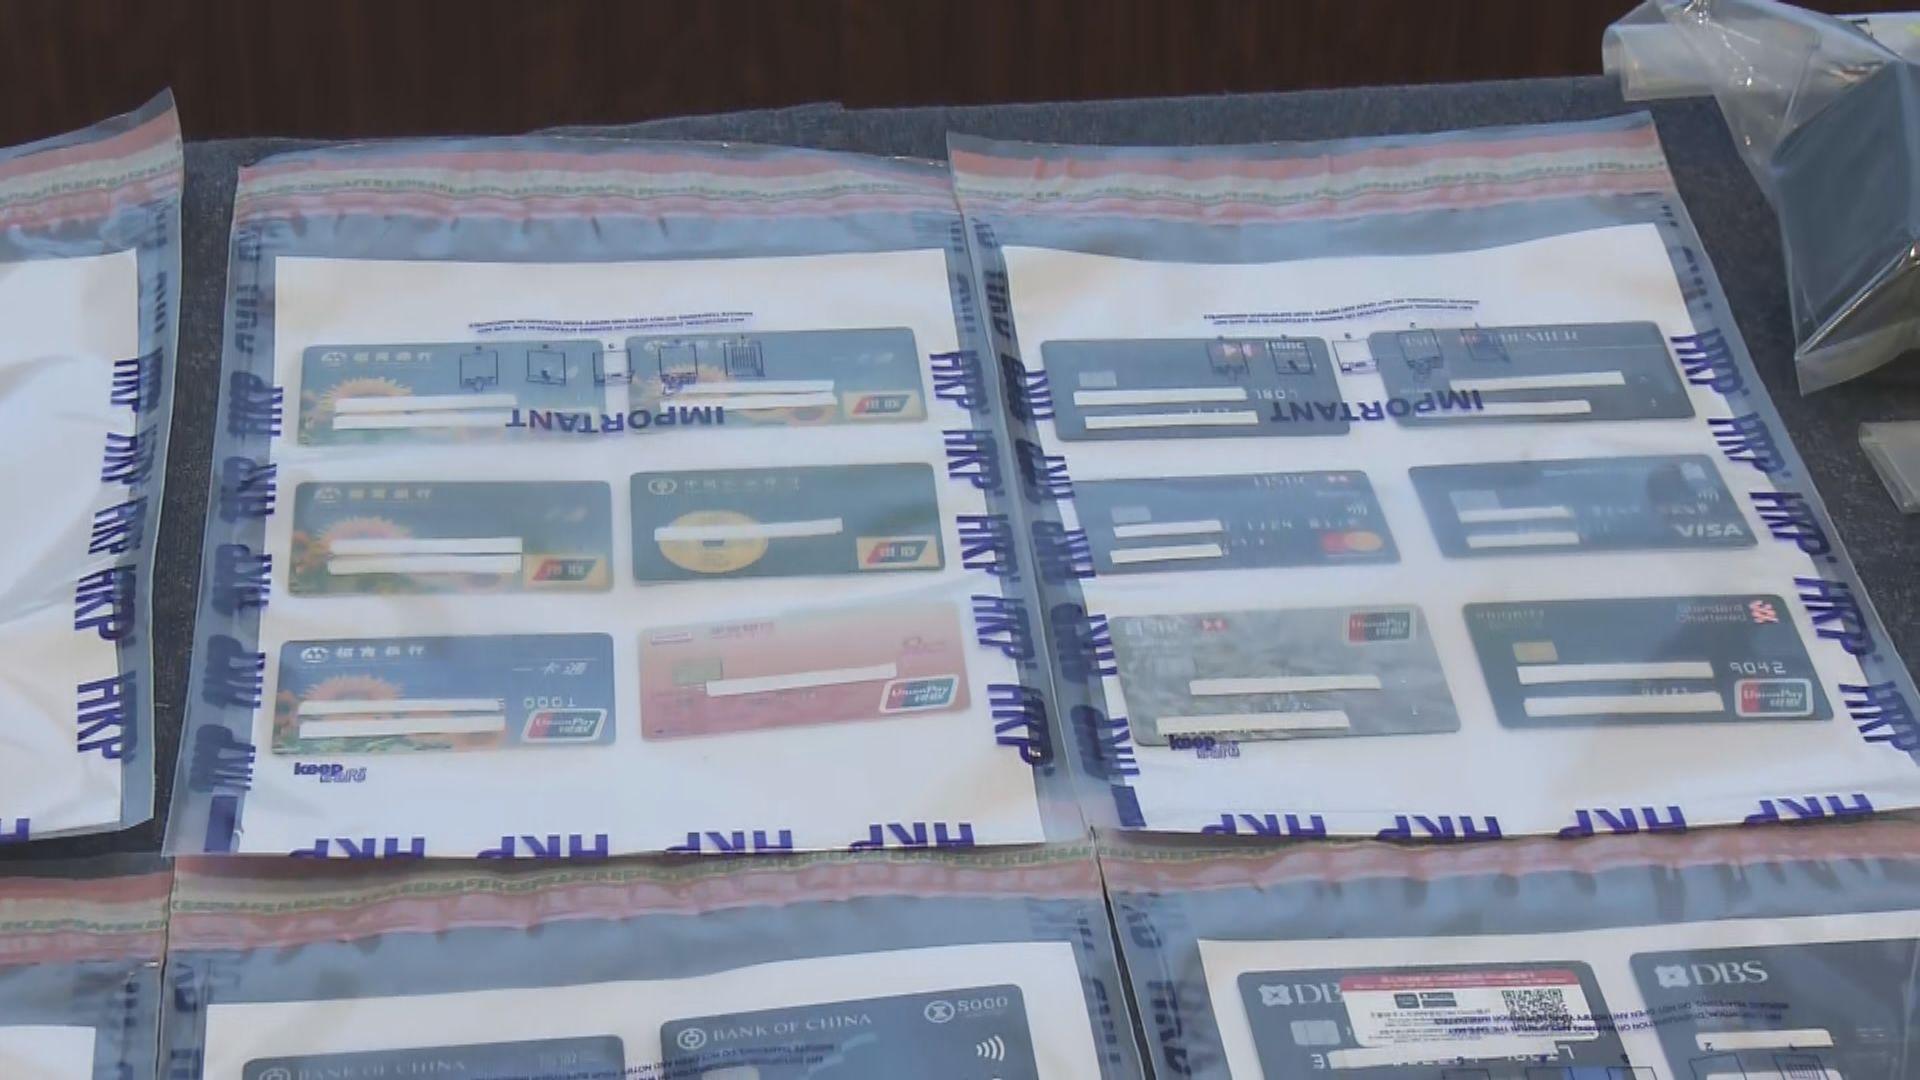 警方偵破網上詐騙集團拘6人 涉及款項超過750萬元